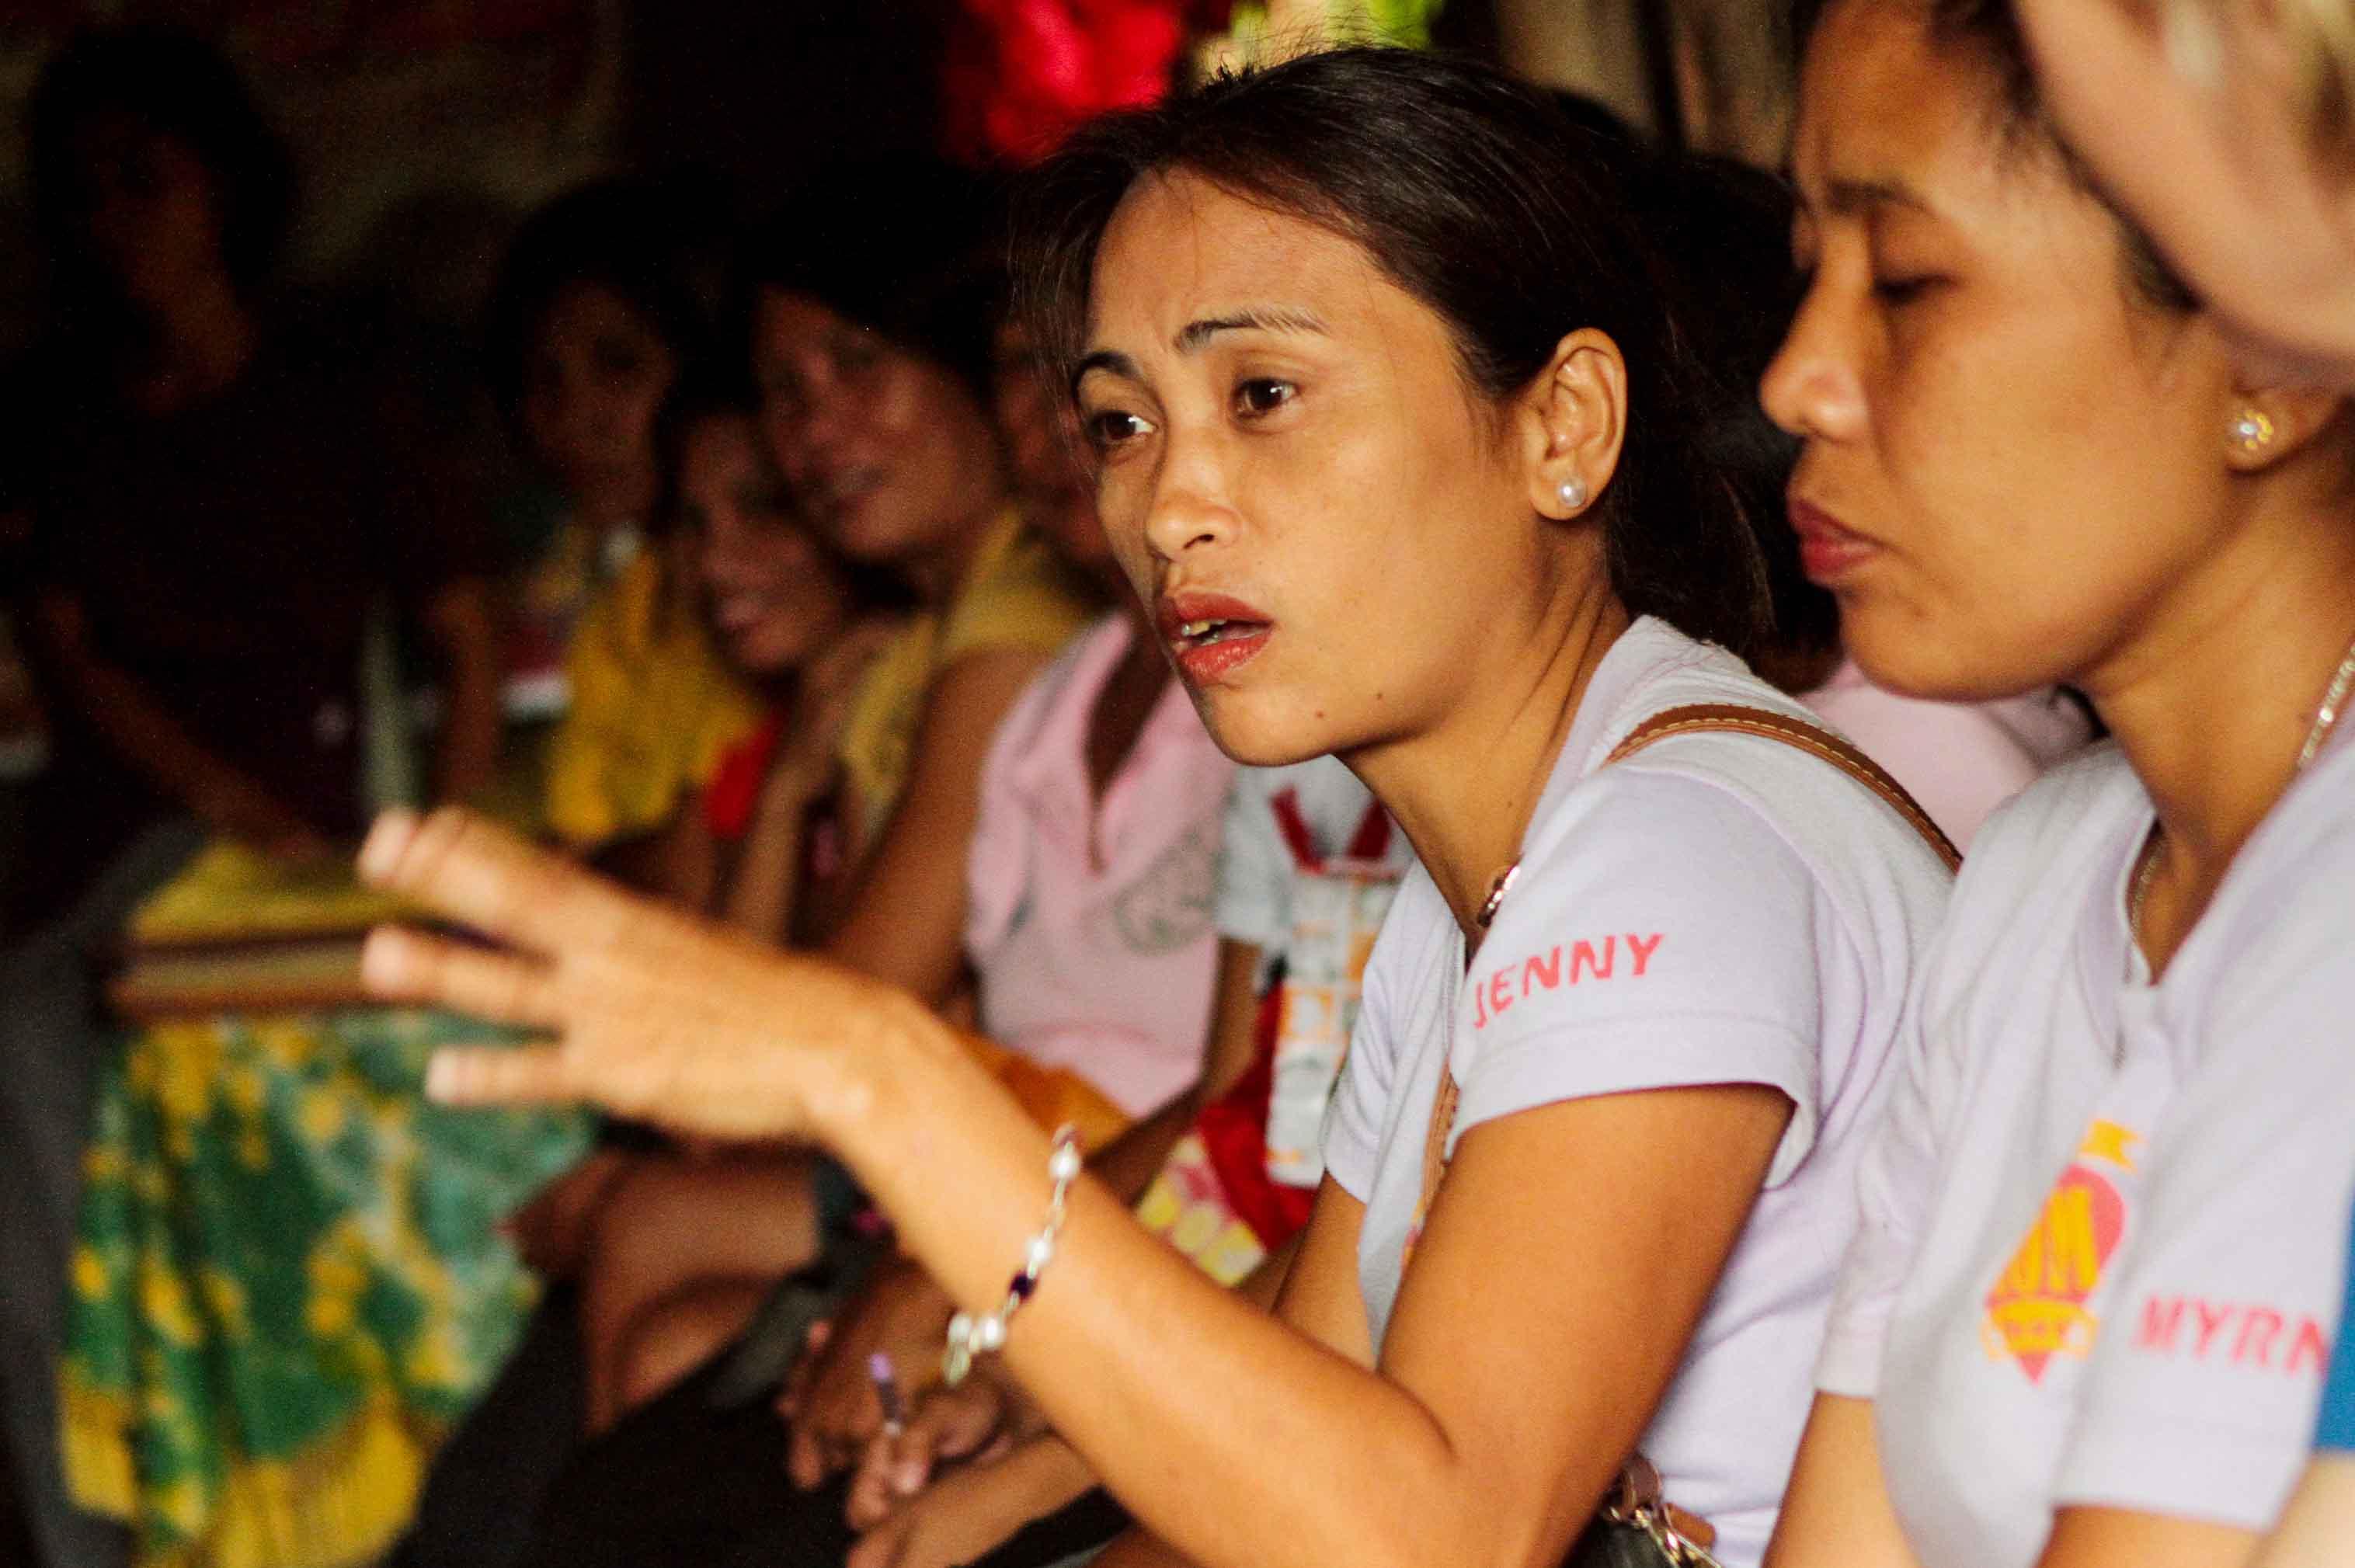 Engagierte Diskussionen bei einem Selbsthilfegruppen-Treffen in den Philippinen